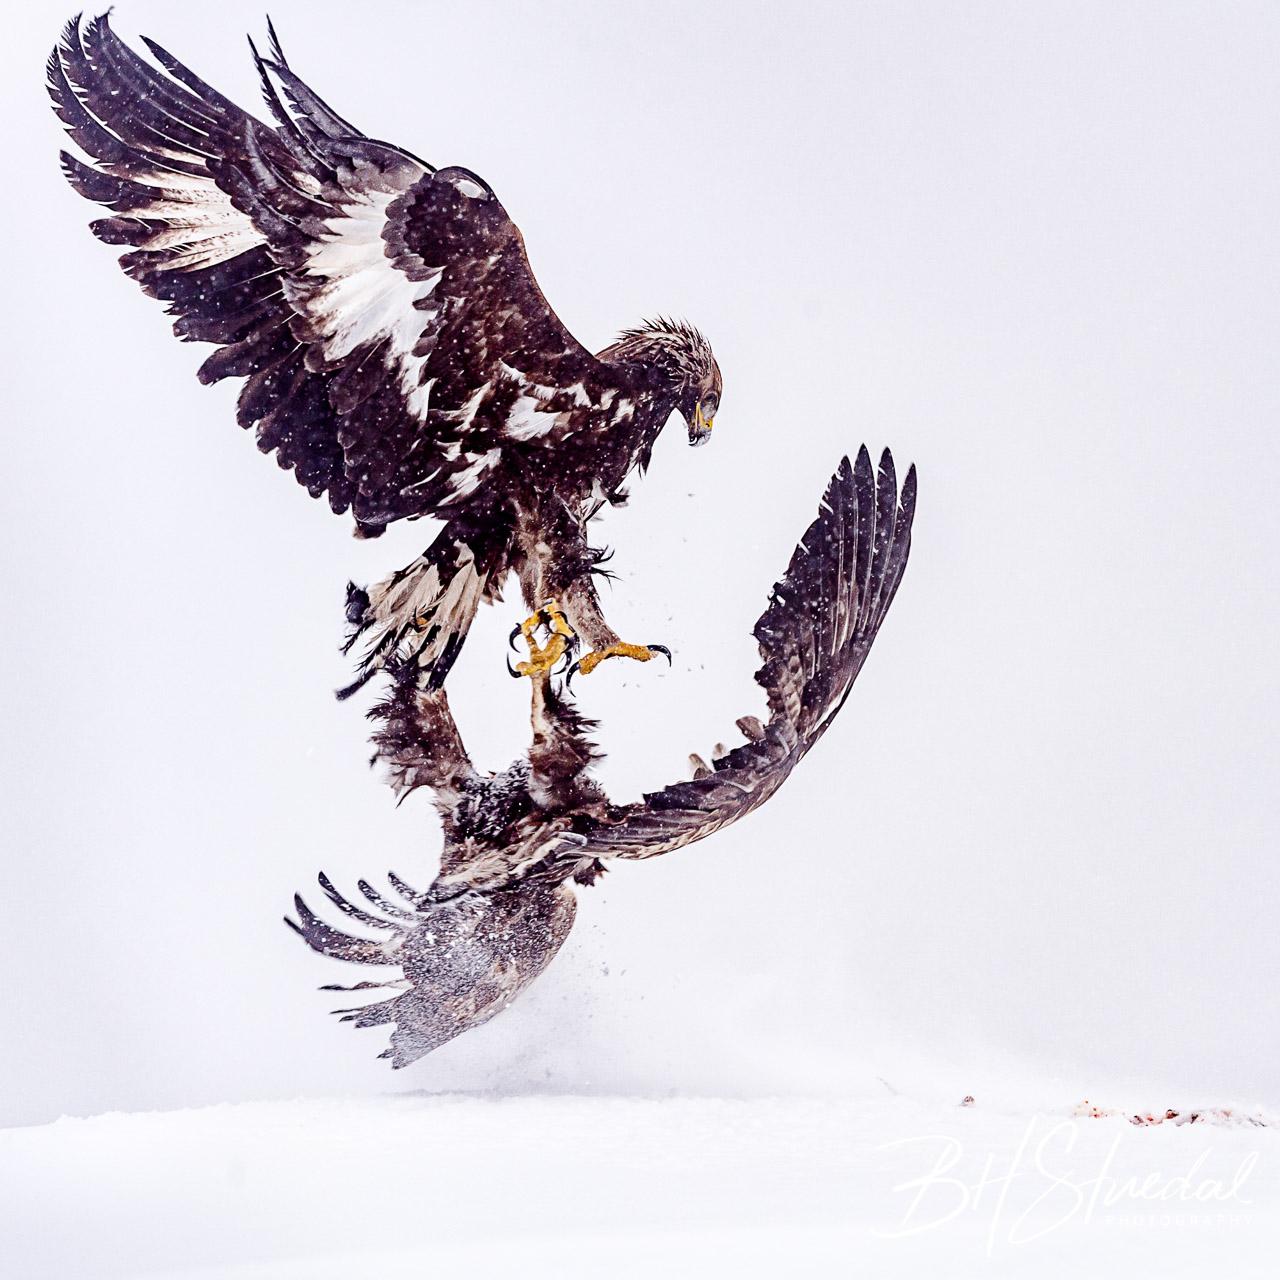 Eagle fight 2